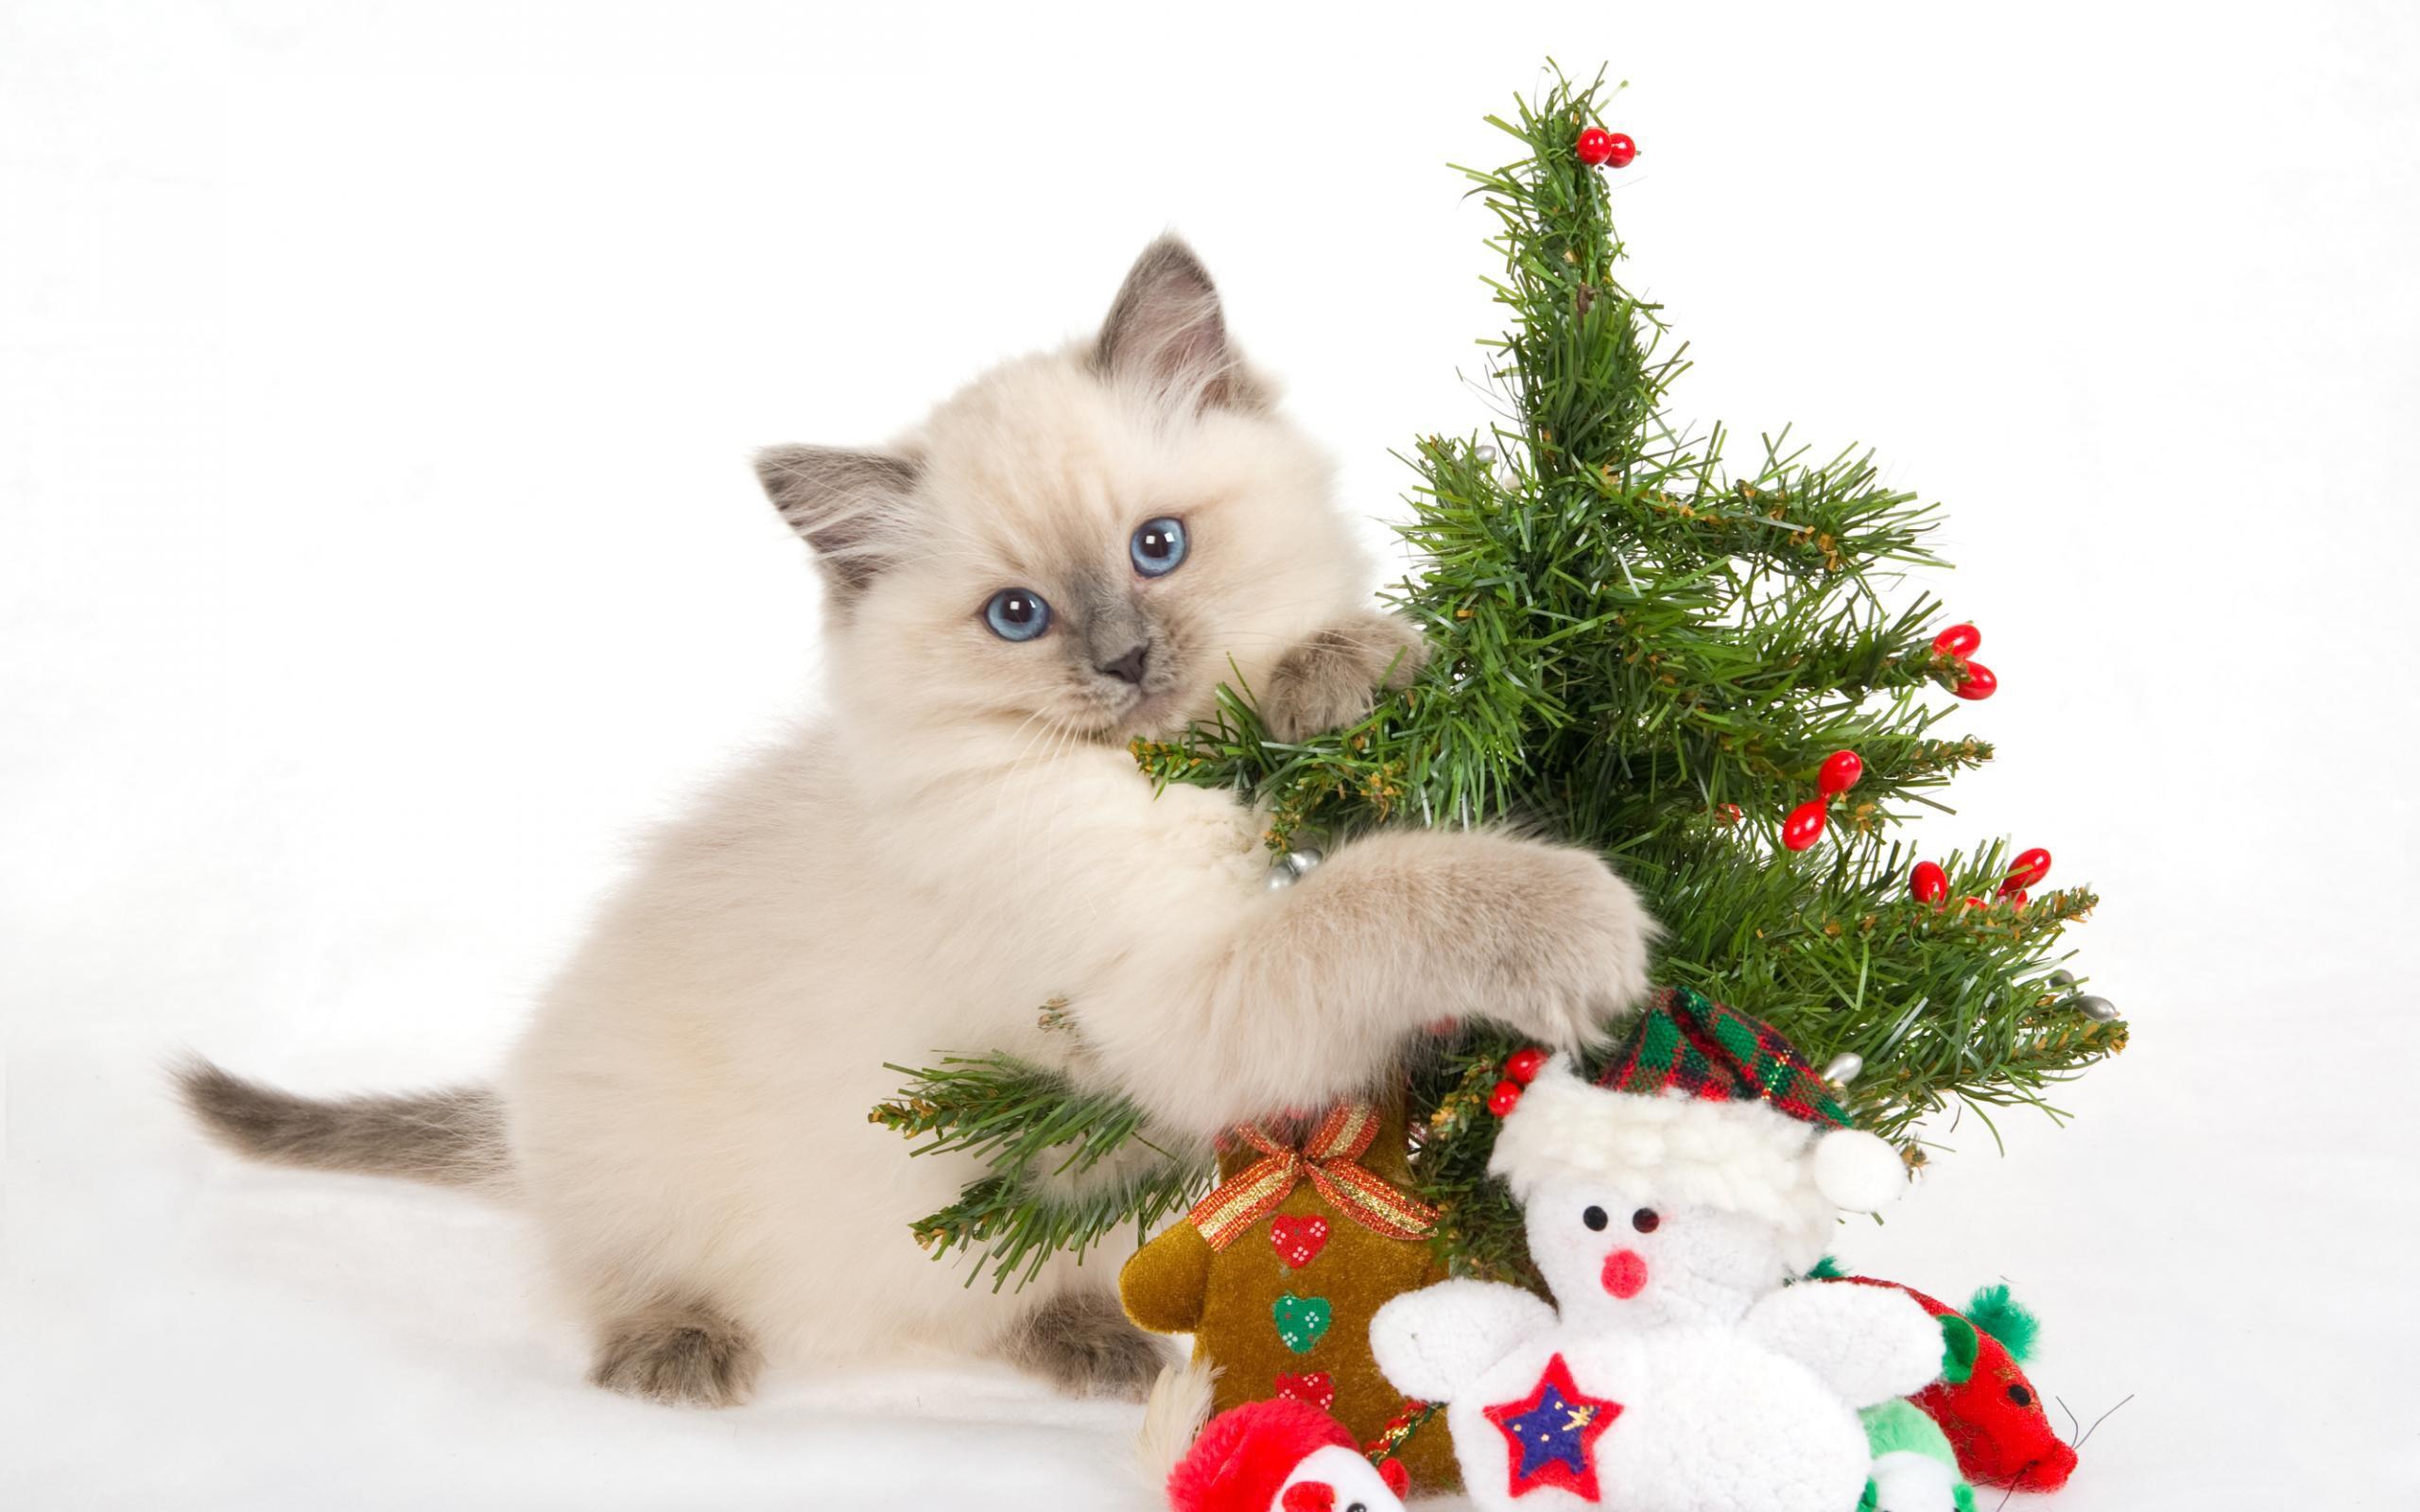 Un gato y arbolito de navidad - 2560x1600